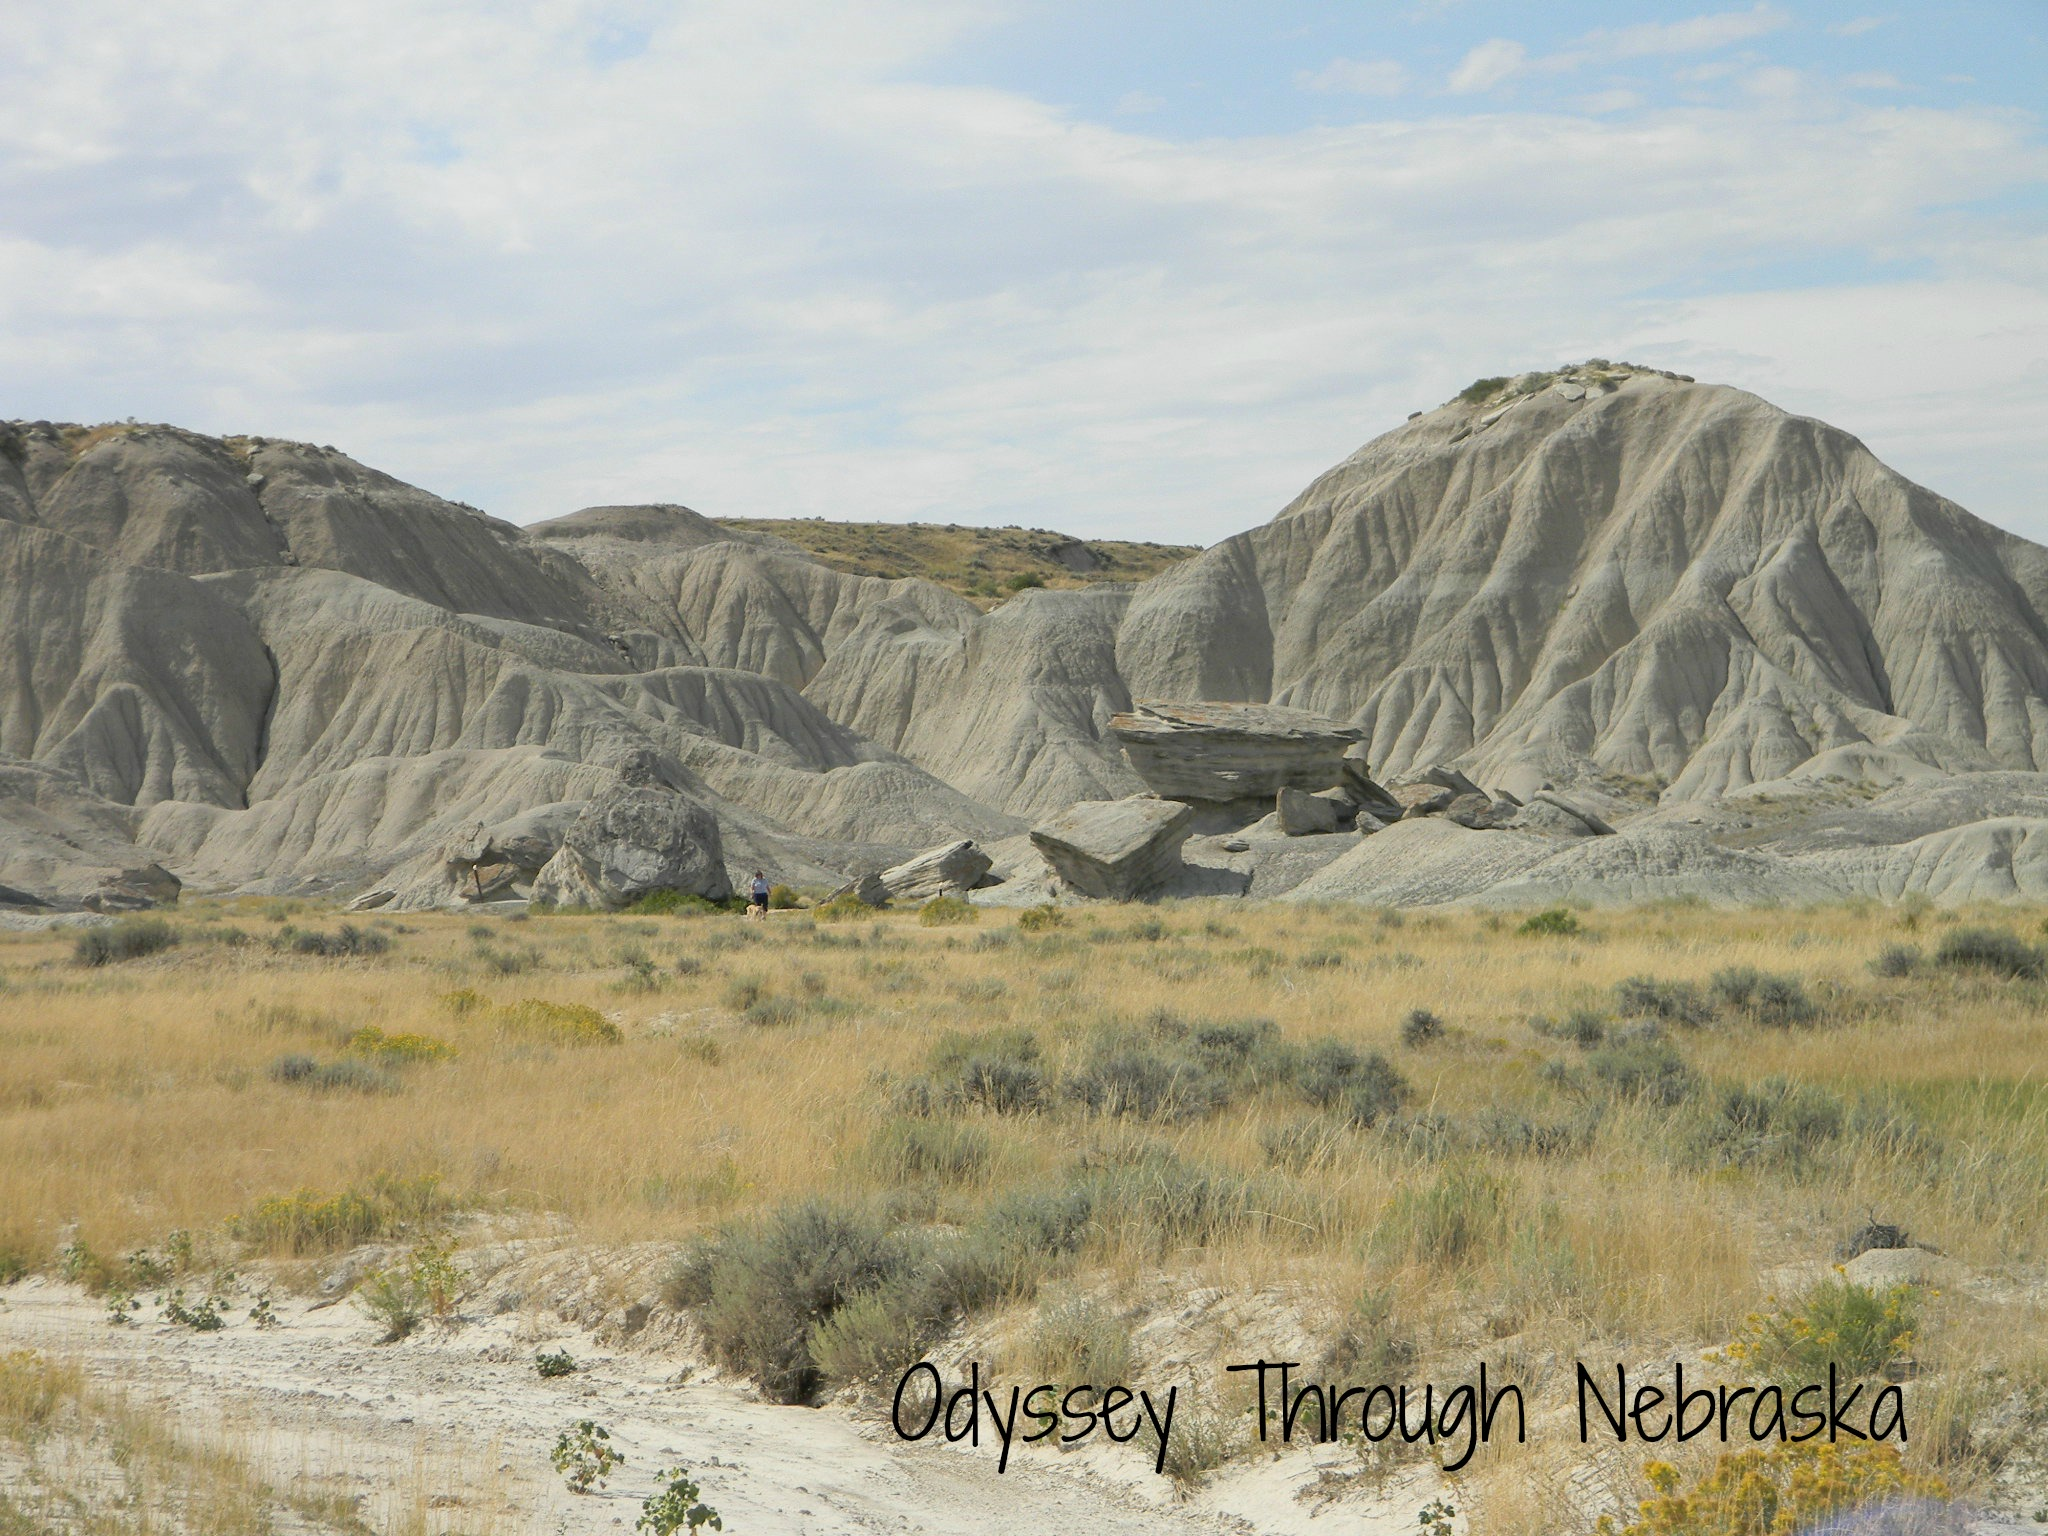 Toadstool Geologic Park in Nebraska